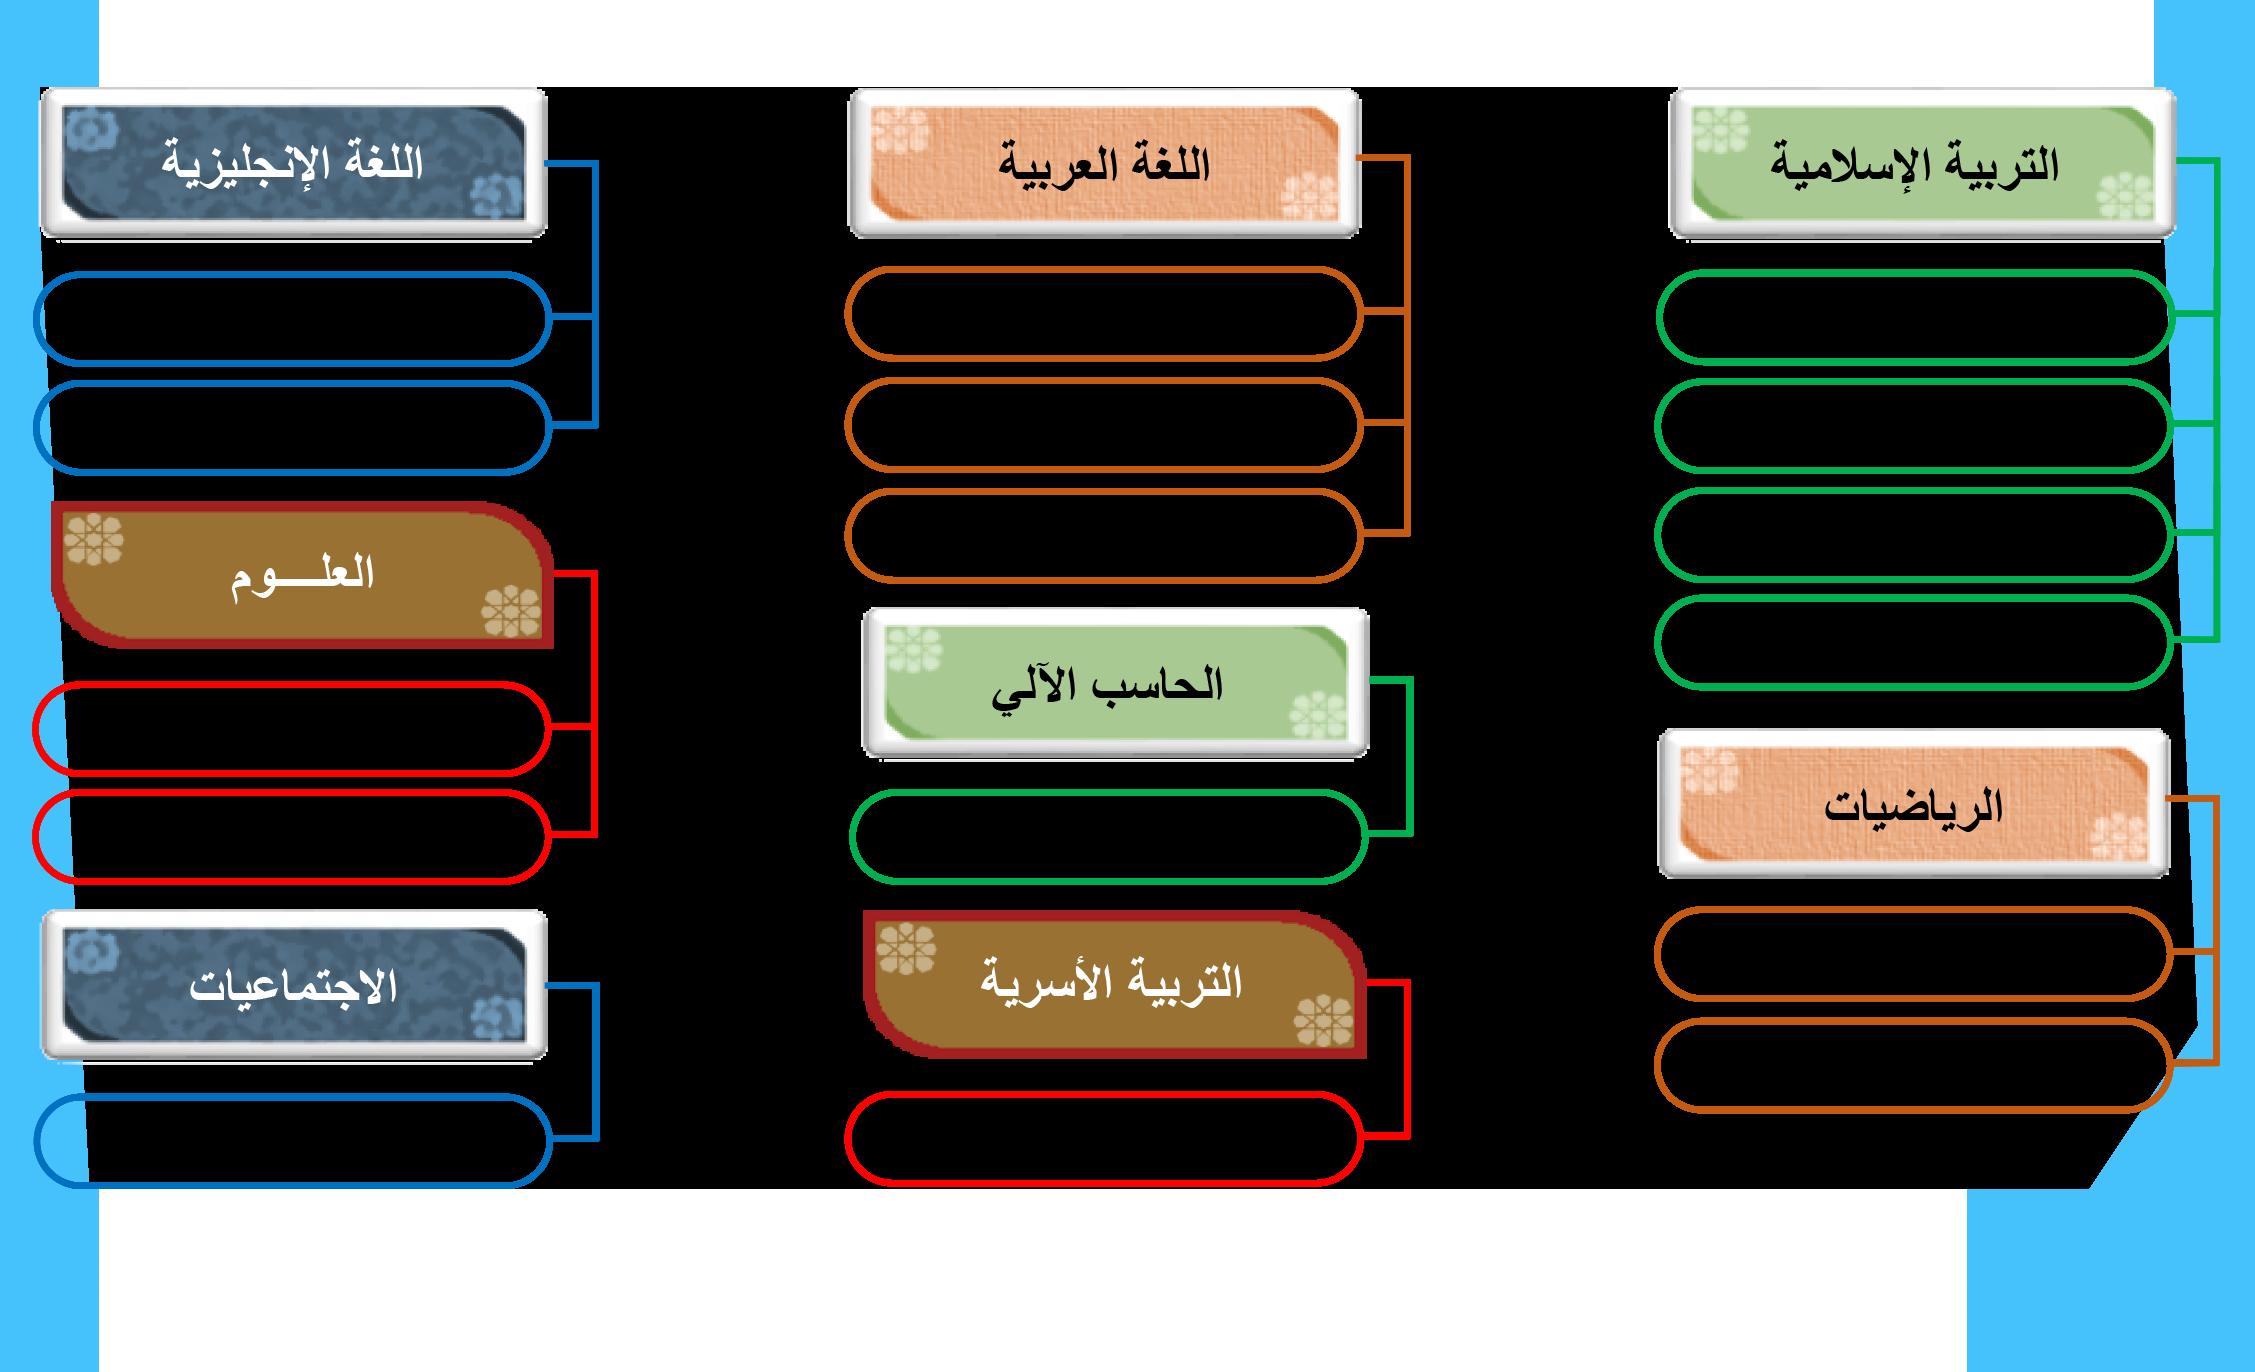 الهيئة التعليمية للقسم المتوسط